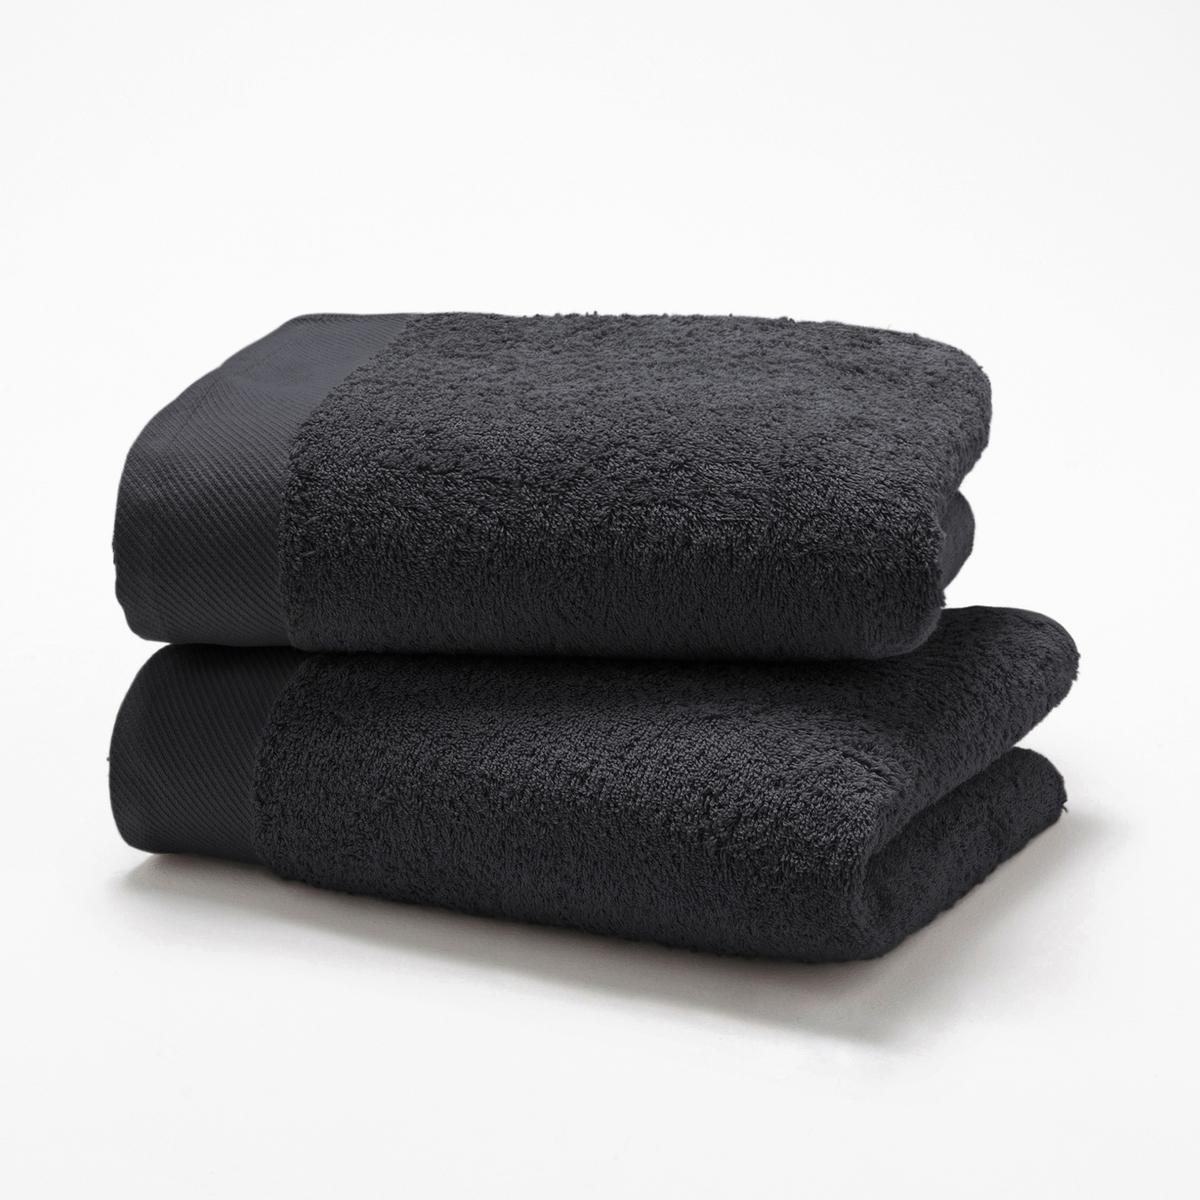 Комплект из 2 полотенец из махровой ткани 500 г/м?Комплект из 2 полотенец из высококачественной махровой ткани, 100% хлопок (500 г/м?), невероятно нежной, мягкой и отлично впитывающей влагу.Полотенца разных цветов для ванной...Характеристики 2 однотонных полотенец :- Махровая ткань, 100% хлопок (500 г/м?).- Отделка краев диагонали.- Машинная стирка при 60 °С.- Машинная сушка.- Замечательная износоустойчивость, сохраняет мягкость и яркость окраски после многочисленных стирок.- Размеры полотенца : 50 x 100 см.- В комплекте 2 полотенца. Знак Oeko-Tex® гарантирует, что товары протестированы и сертифицированы, не содержат вредных веществ, которые могли бы нанести вред здоровью.<br><br>Цвет: белый,гуава,зеленый  атолл,серо-бежевый,серо-синий,сине-зеленый,синий морской волны,черный<br>Размер: 50 x 100 см.50 x 100 см.50 x 100 см